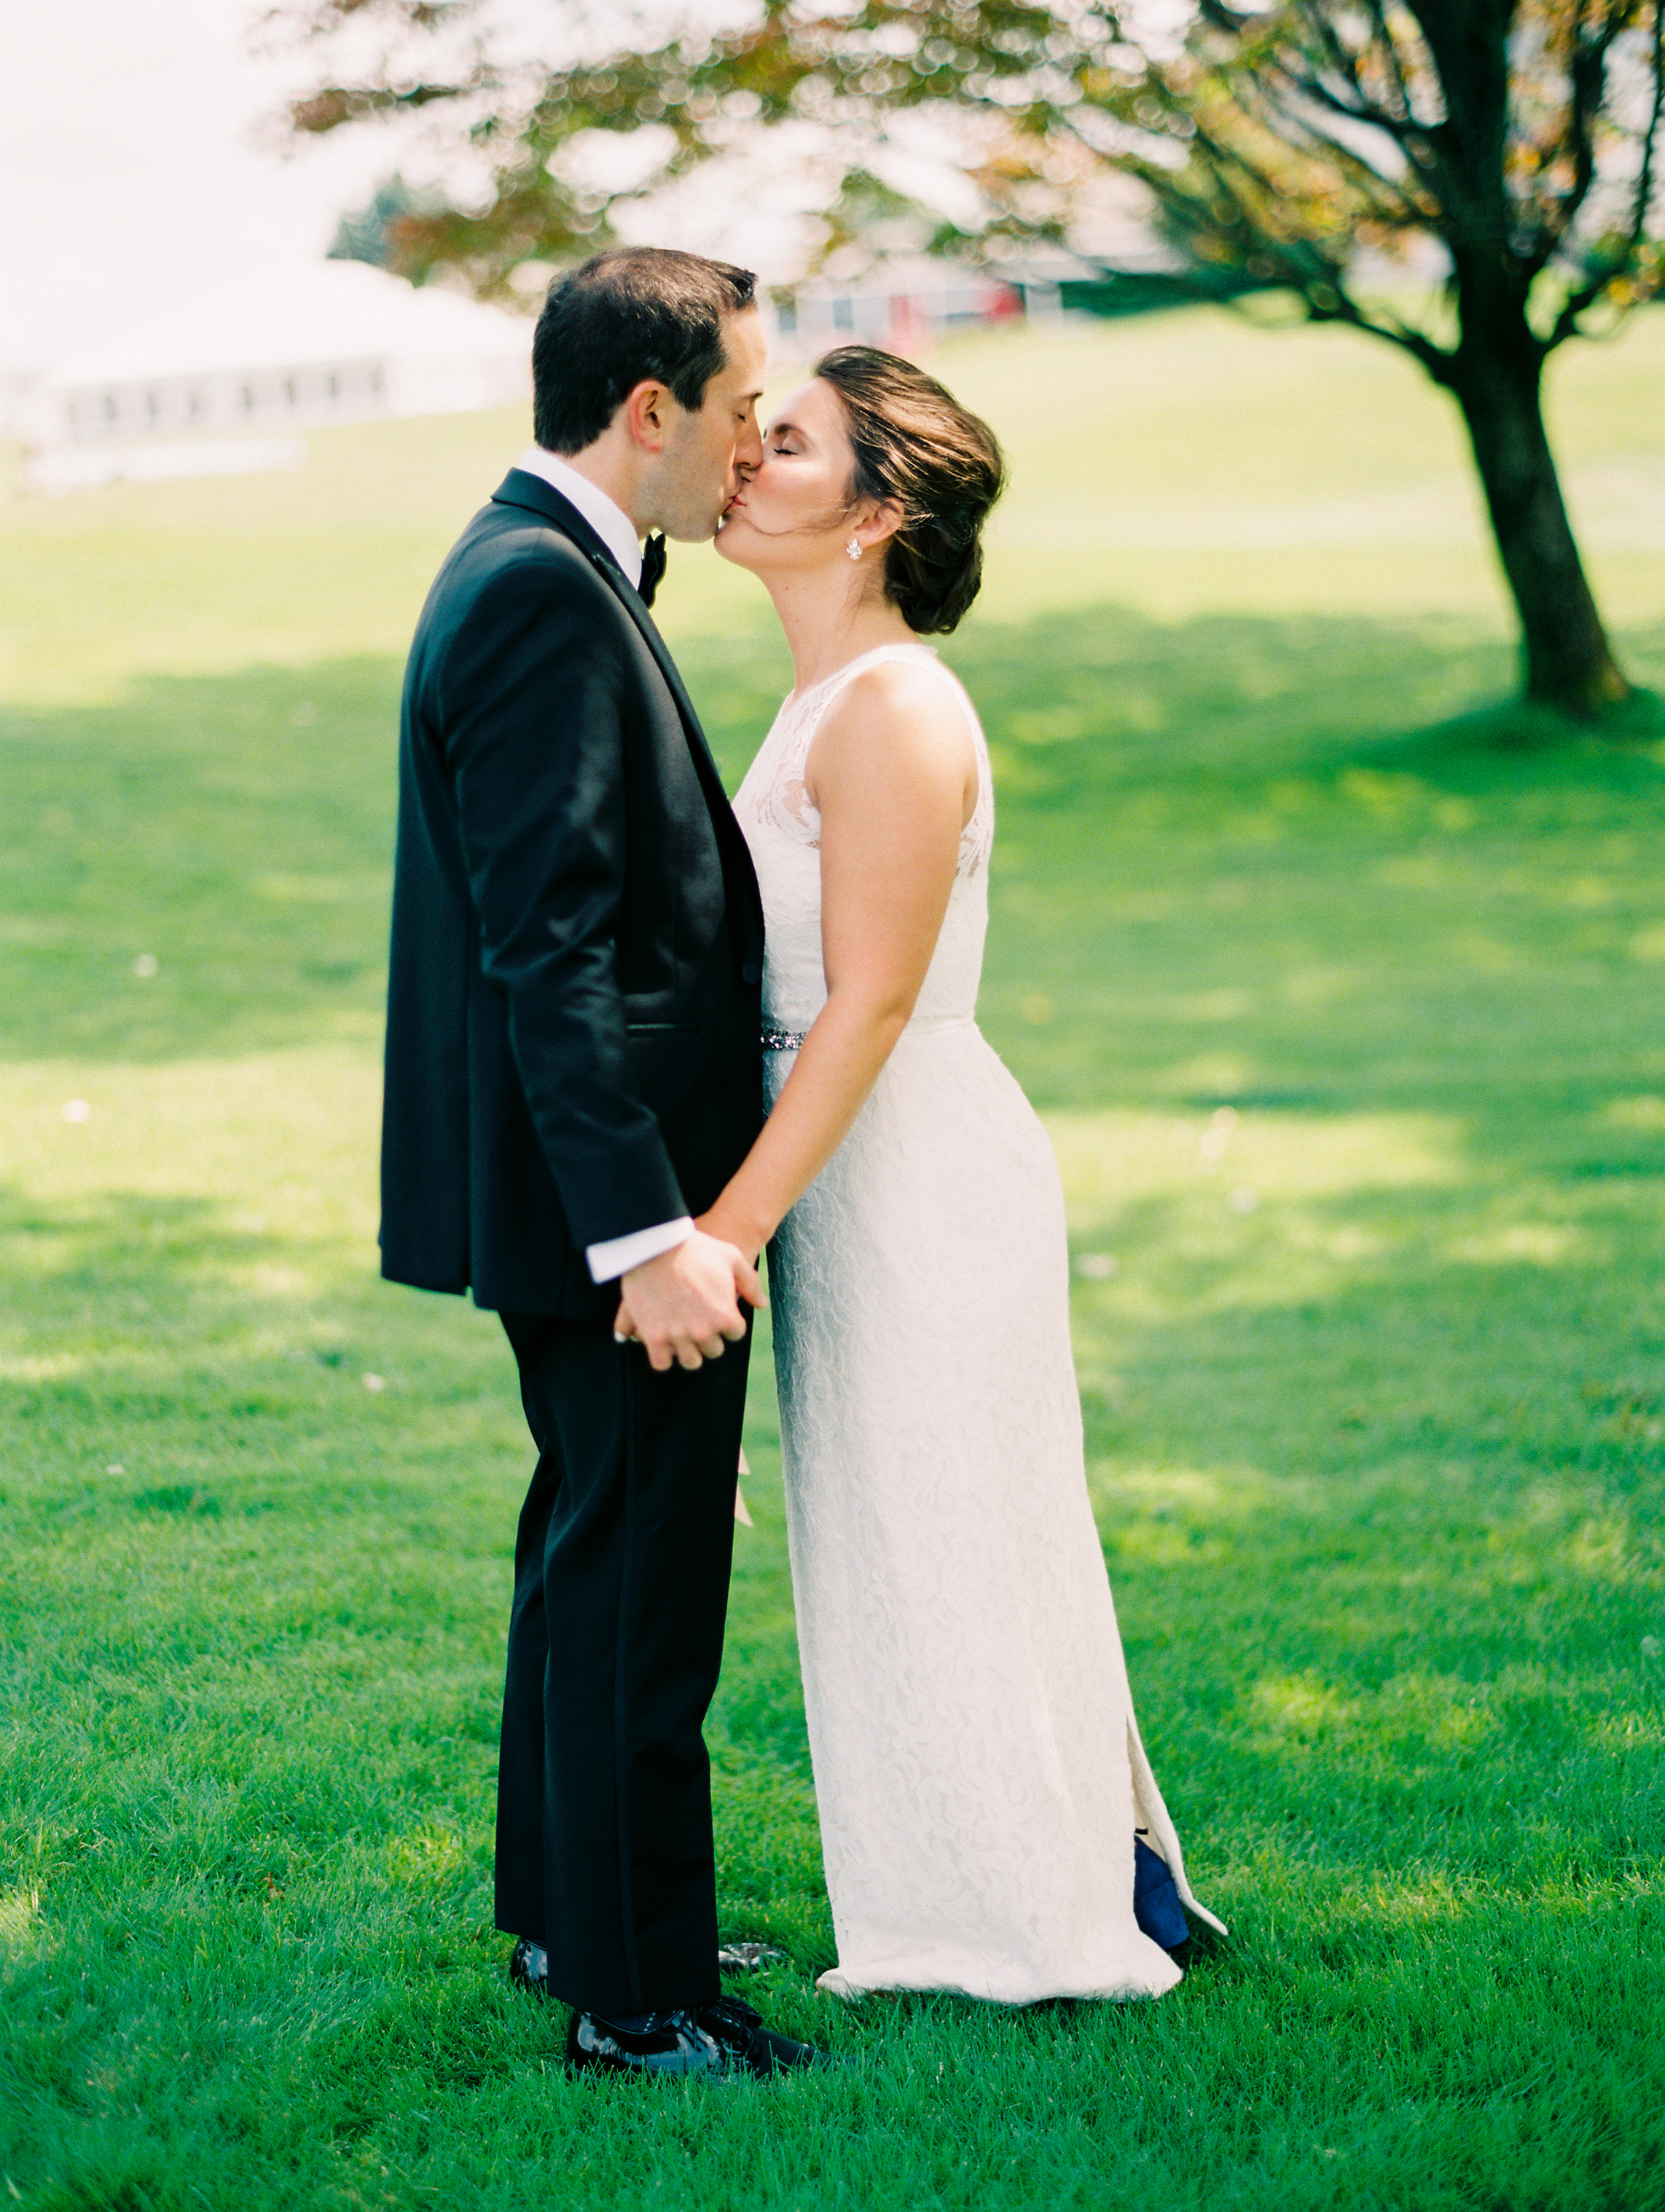 Zoller+Wedding+First+Look-34.jpg